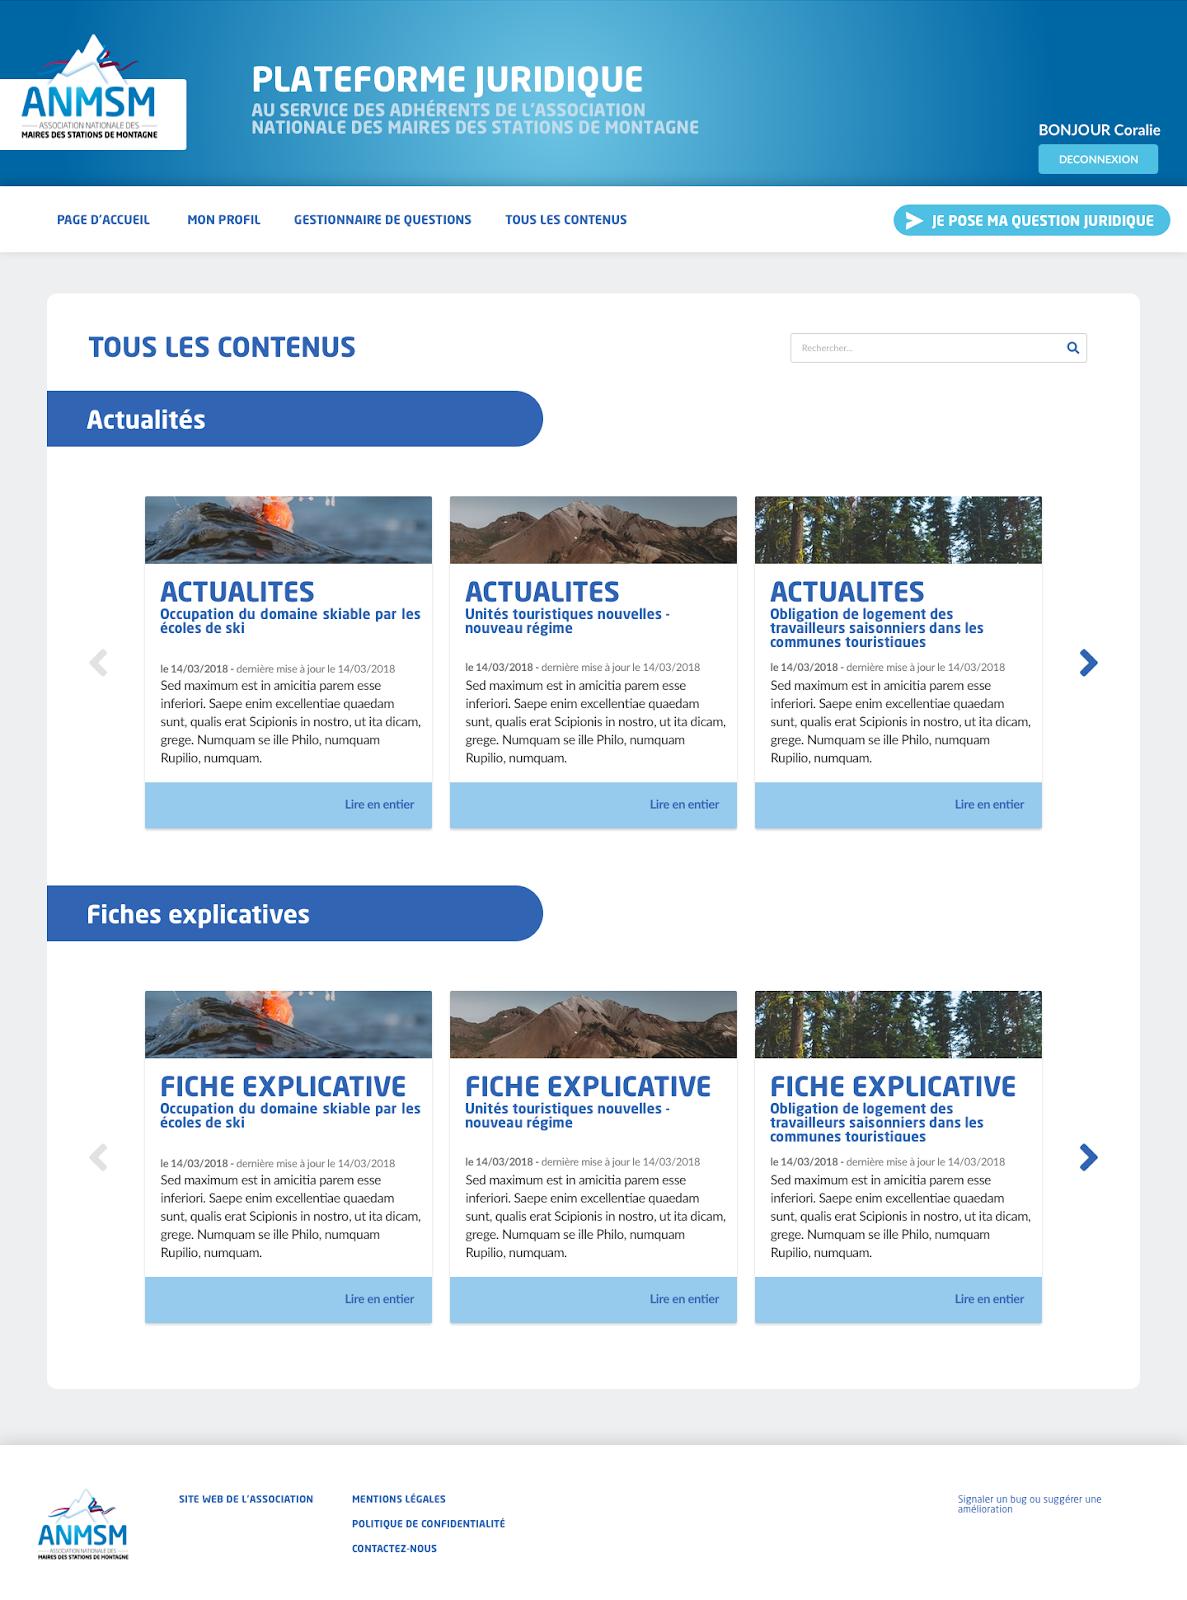 Knowledge management - Association nationale des maires de stations de montagne